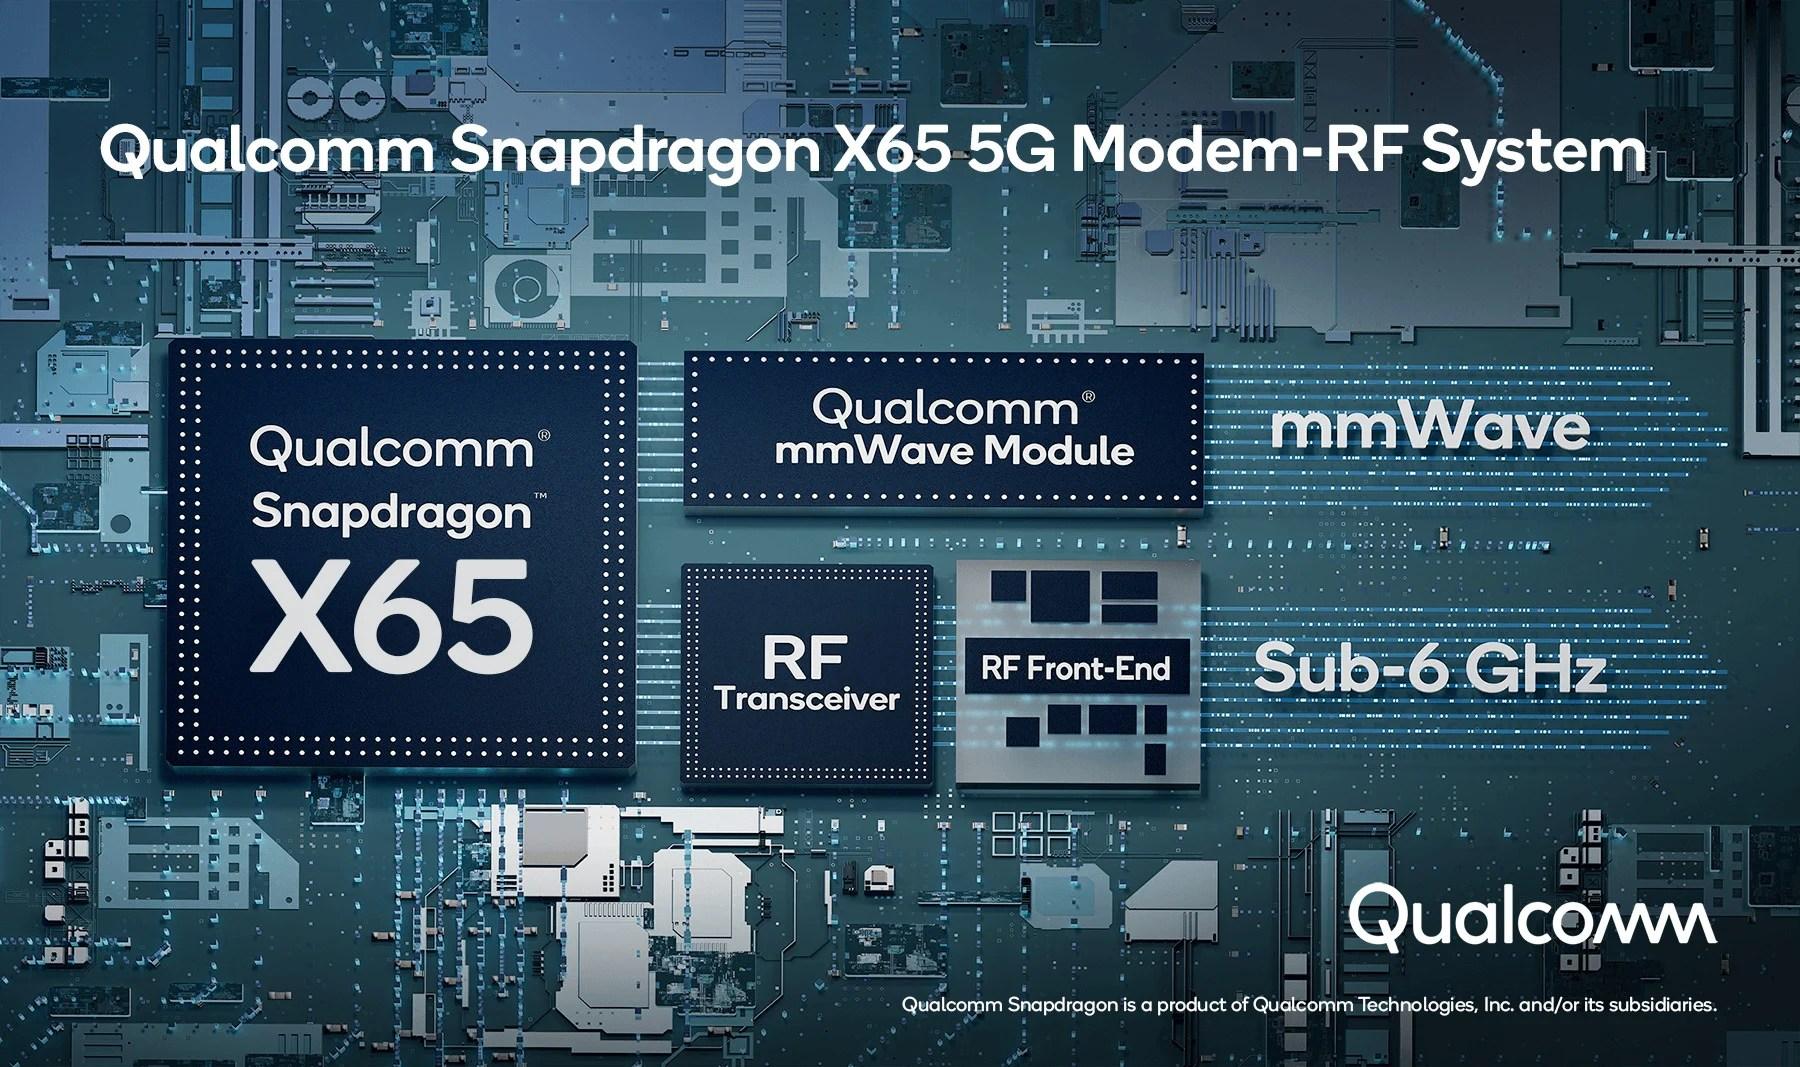 Qualcomm Snapdragon X65 et X62: voici la nouvelle génération de modem 5G avec des débits jusqu'à 10 Gb/s